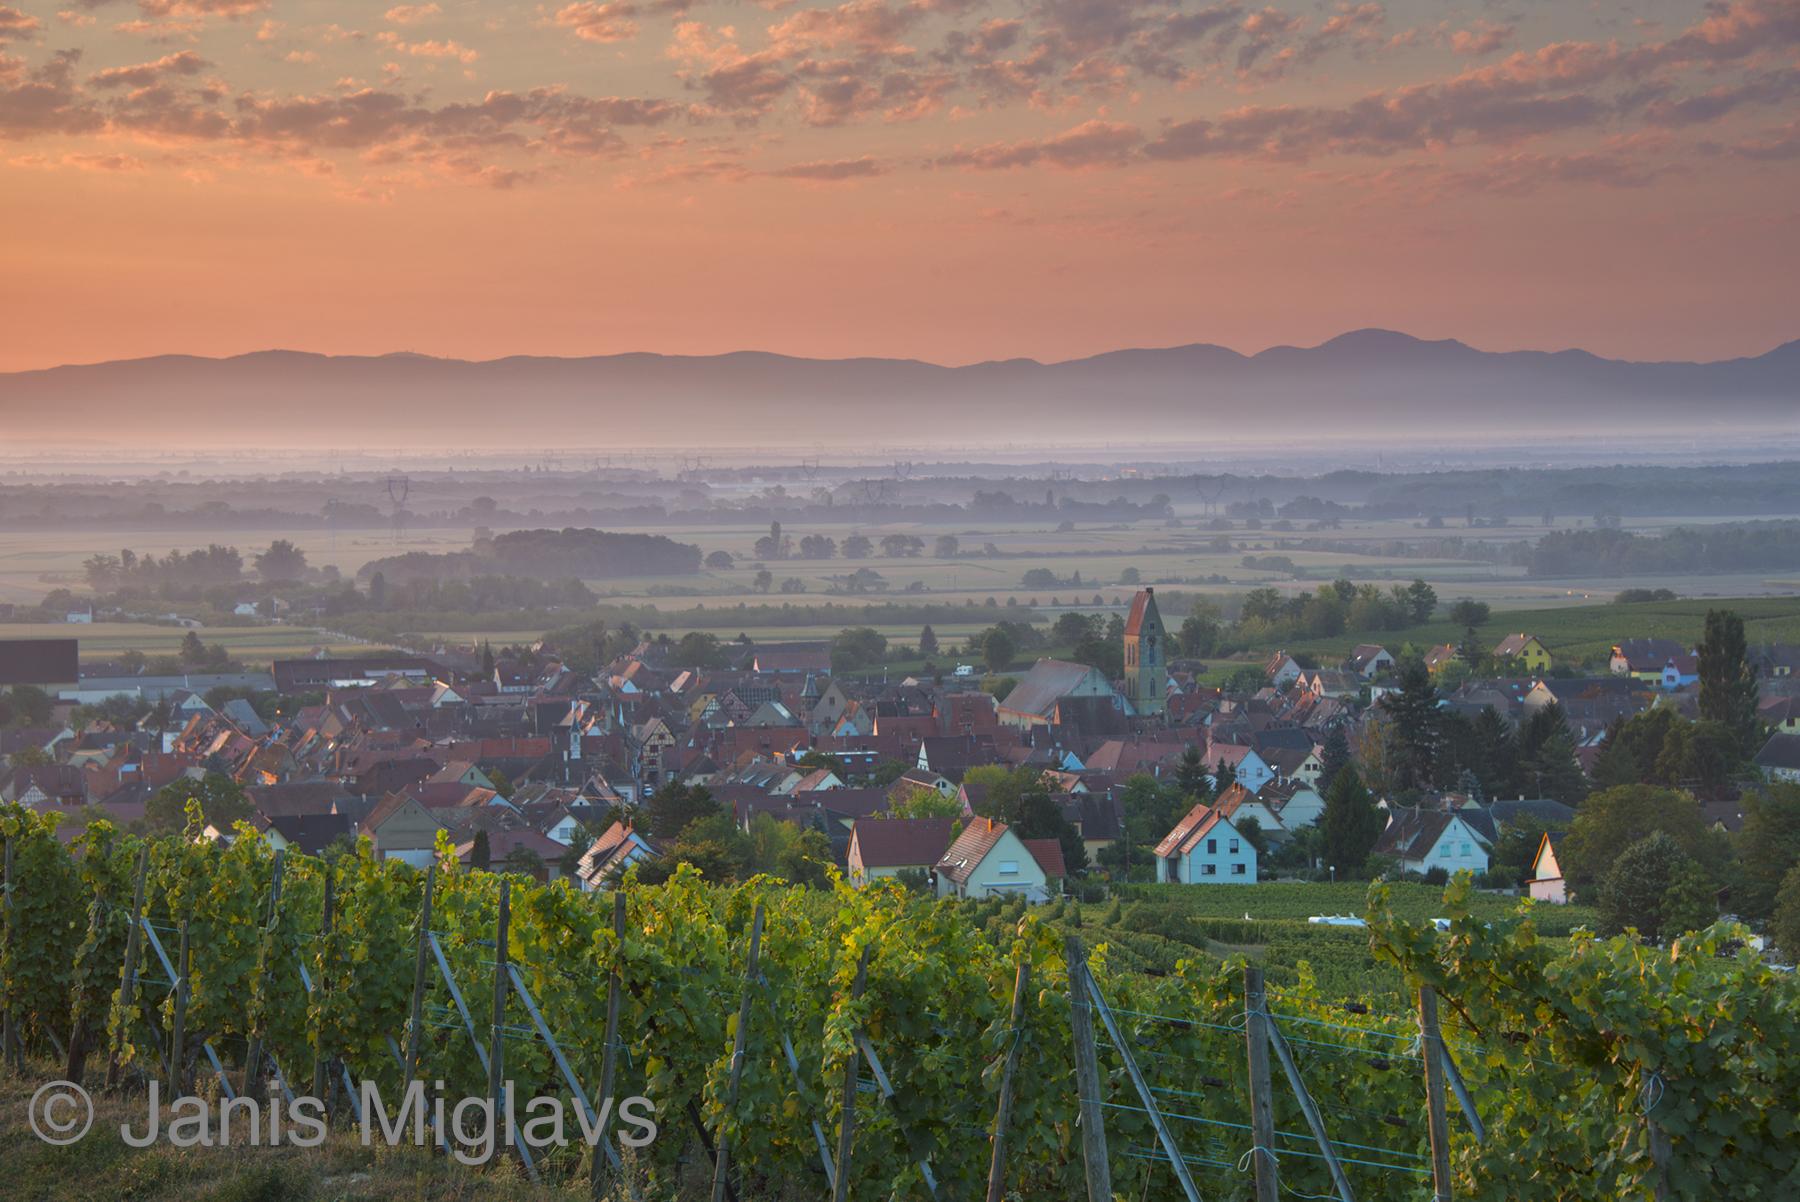 France Vineyard Above Eguisheim in Alsace